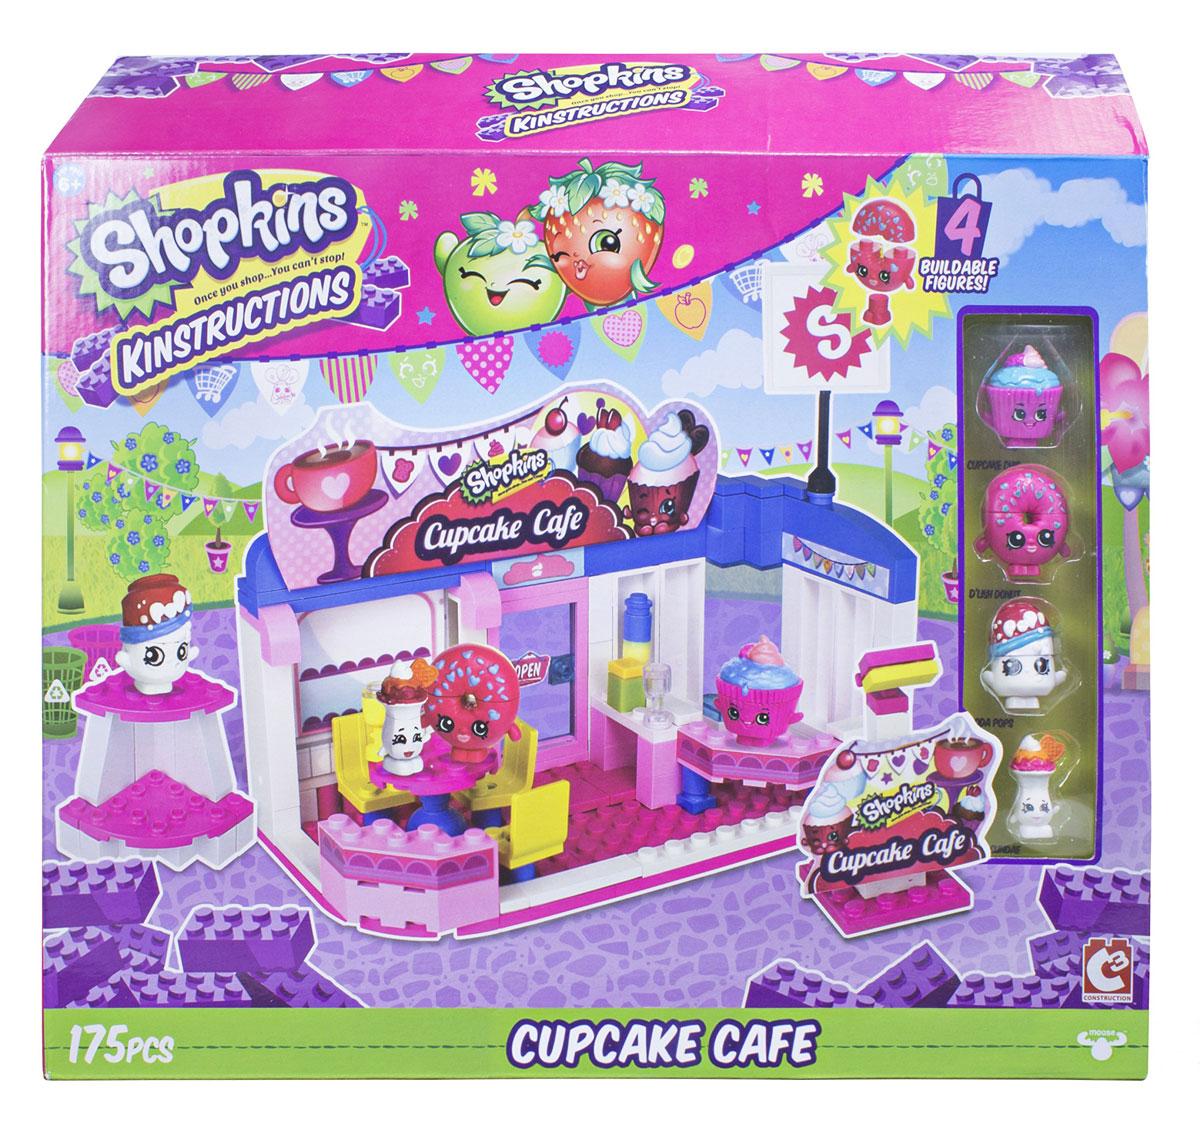 Shopkins Конструктор Кафе37337ast37335Конструктор Shopkins Кафе - мечта маленькой поклонницы Шопкинс. Теперь вы можете собрать настоящее кафе со столиком для гостей, барной стойкой, аксессуарами и, конечно же, любимыми персонажами. Также в наборе вы найдете четыре сборные фигурки, каждая из которых состоит из трех частей. Уникальность набора в том, что он, как и все остальные игрушки Shopkins превосходно сочетаются с элементами конструкторов от множества популярных брендов, среди которых и LEGO. В набор входят стикеры для украшения.